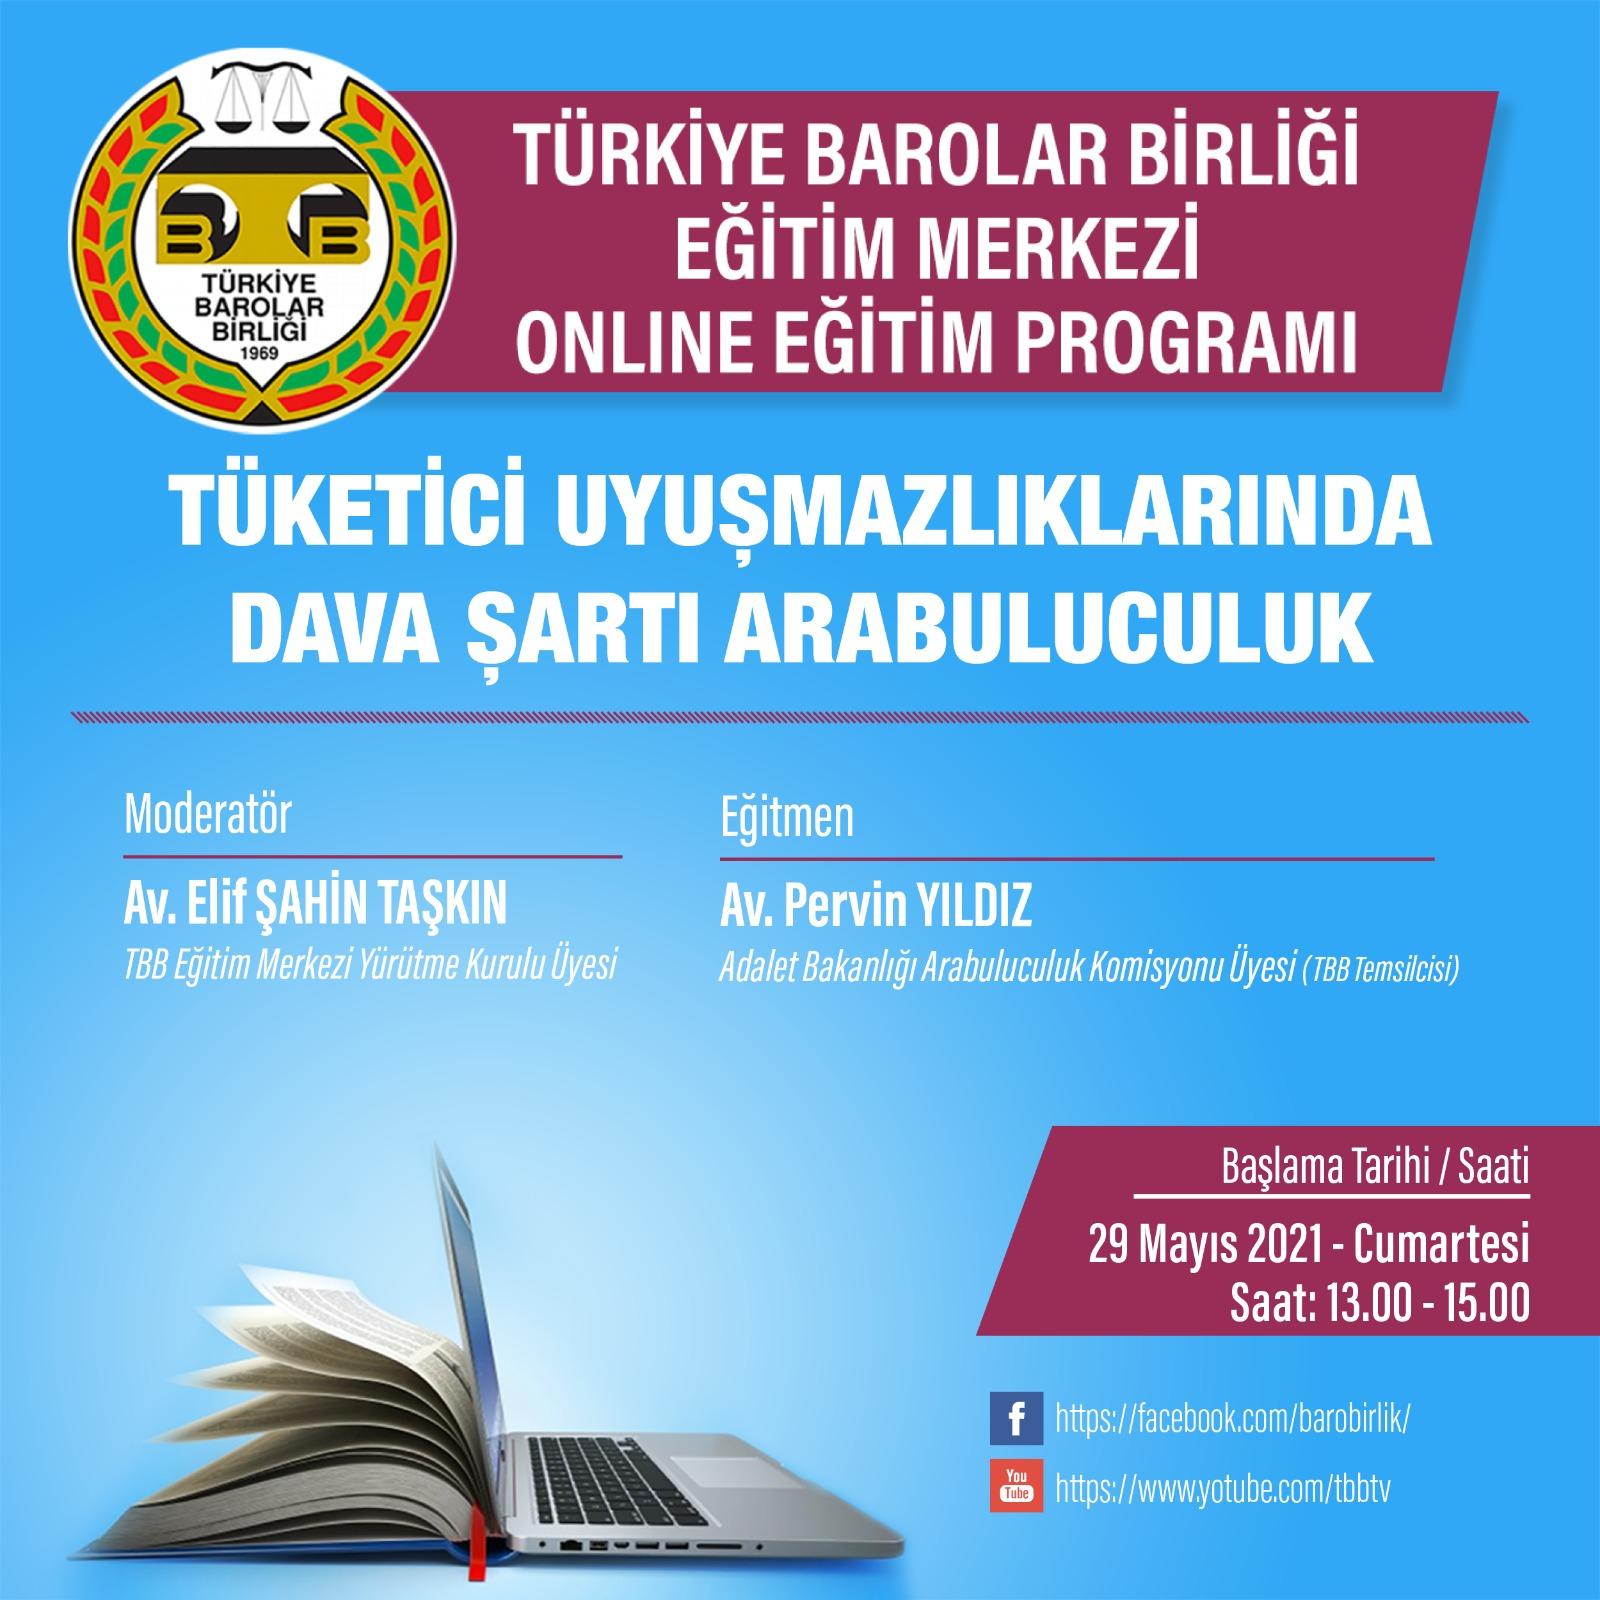 TBB Eğitim Merkezi Online Eğitim 29.05.2021